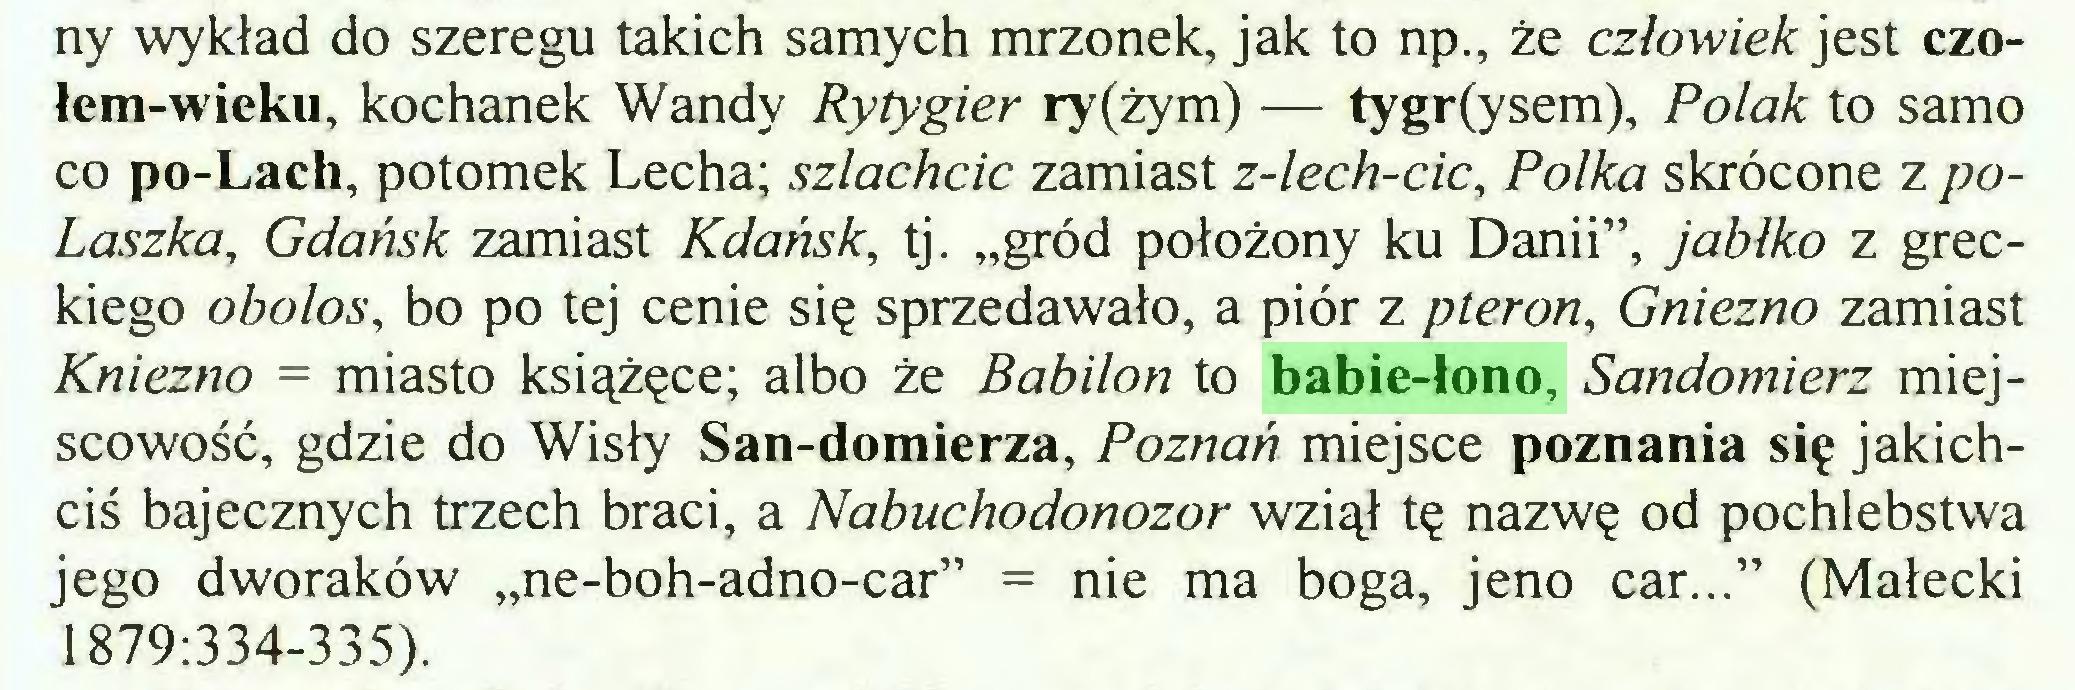 """(...) ny wykład do szeregu takich samych mrzonek, jak to np., że człowiek jest czołem-wieku, kochanek Wandy Ryty gier ry(żym) — tygr(ysem), Polak to samo co po-Lach, potomek Lecha; szlachcic zamiast z-lech-cic, Polka skrócone z poLaszka, Gdańsk zamiast Kdańsk, tj. """"gród położony ku Danii"""", jabłko z greckiego obolos, bo po tej cenie się sprzedawało, a piór z pieron, Gniezno zamiast Kniezno = miasto książęce; albo że Babilon to babie-łono, Sandomierz miejscowość, gdzie do Wisły San-domierza, Poznań miejsce poznania się jakichciś bajecznych trzech braci, a Nabuchodonozor wziął tę nazwę od pochlebstwa jego dworaków """"ne-boh-adno-car"""" = nie ma boga, jeno car..."""" (Małecki 1879:334-335)..."""